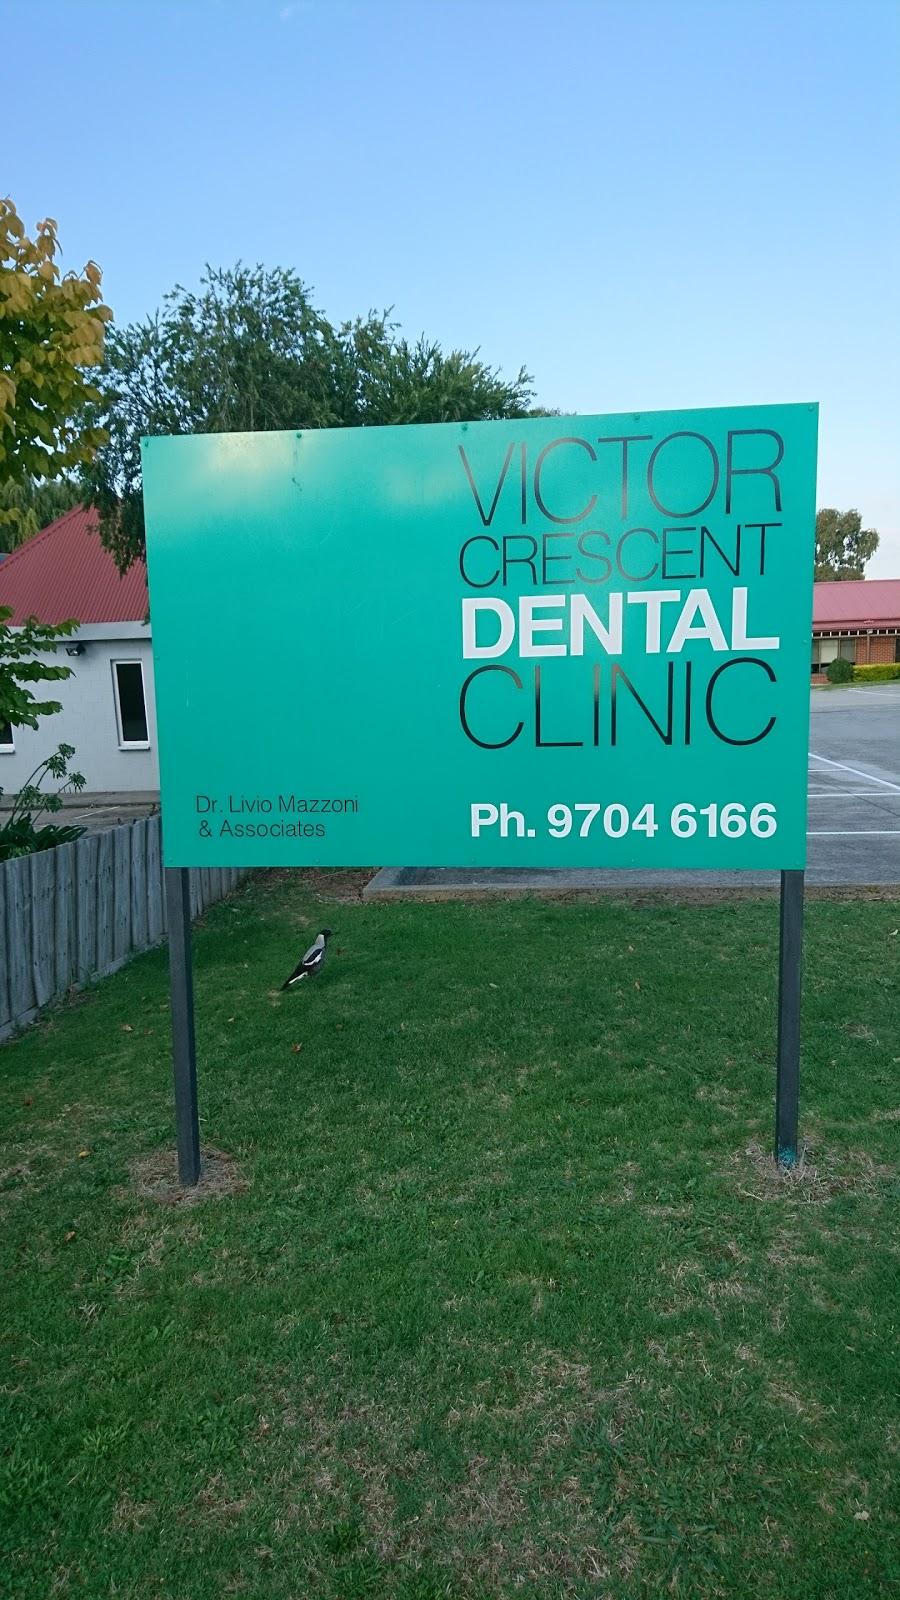 Dr. Livio Mazzoni | dentist | 3/90-92 Victor Cres, Narre Warren VIC 3805, Australia | 0397046166 OR +61 3 9704 6166